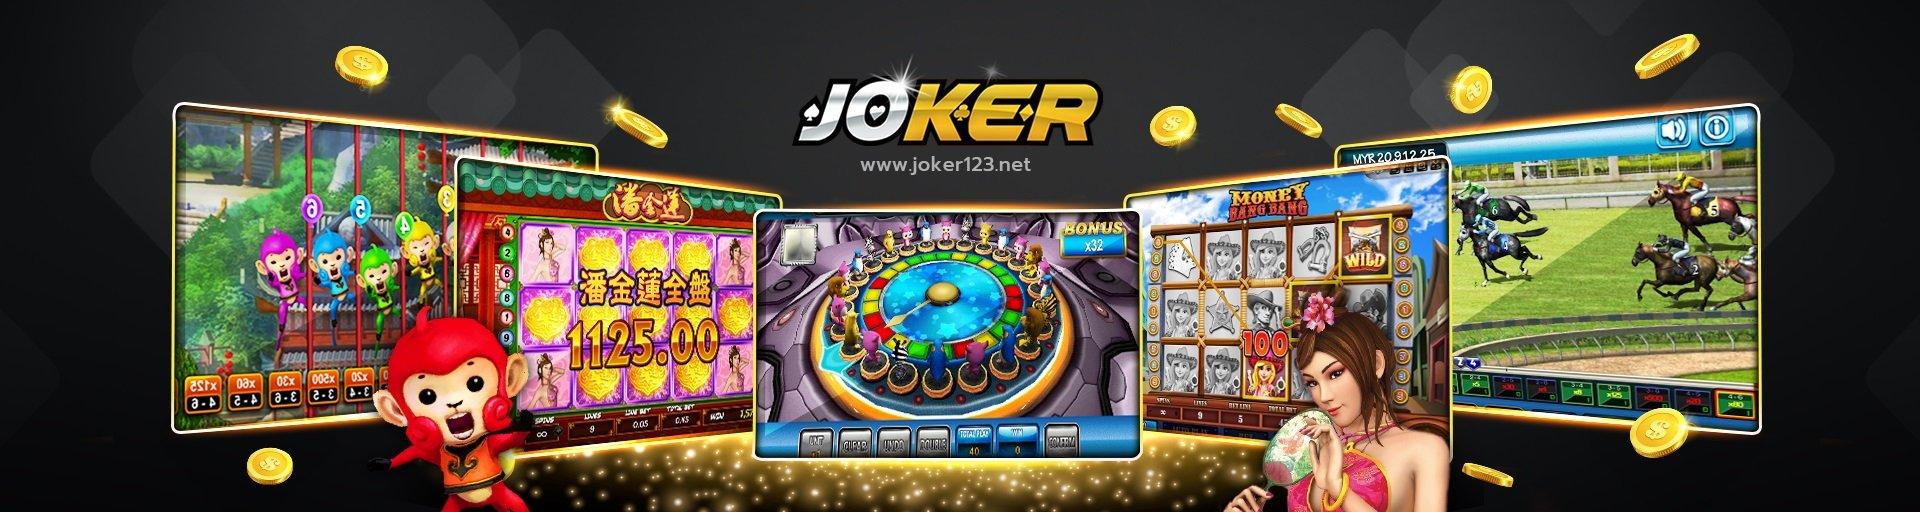 Jadwal Game Slot Judi Terunggul Dengan Bonus Buat Anggota